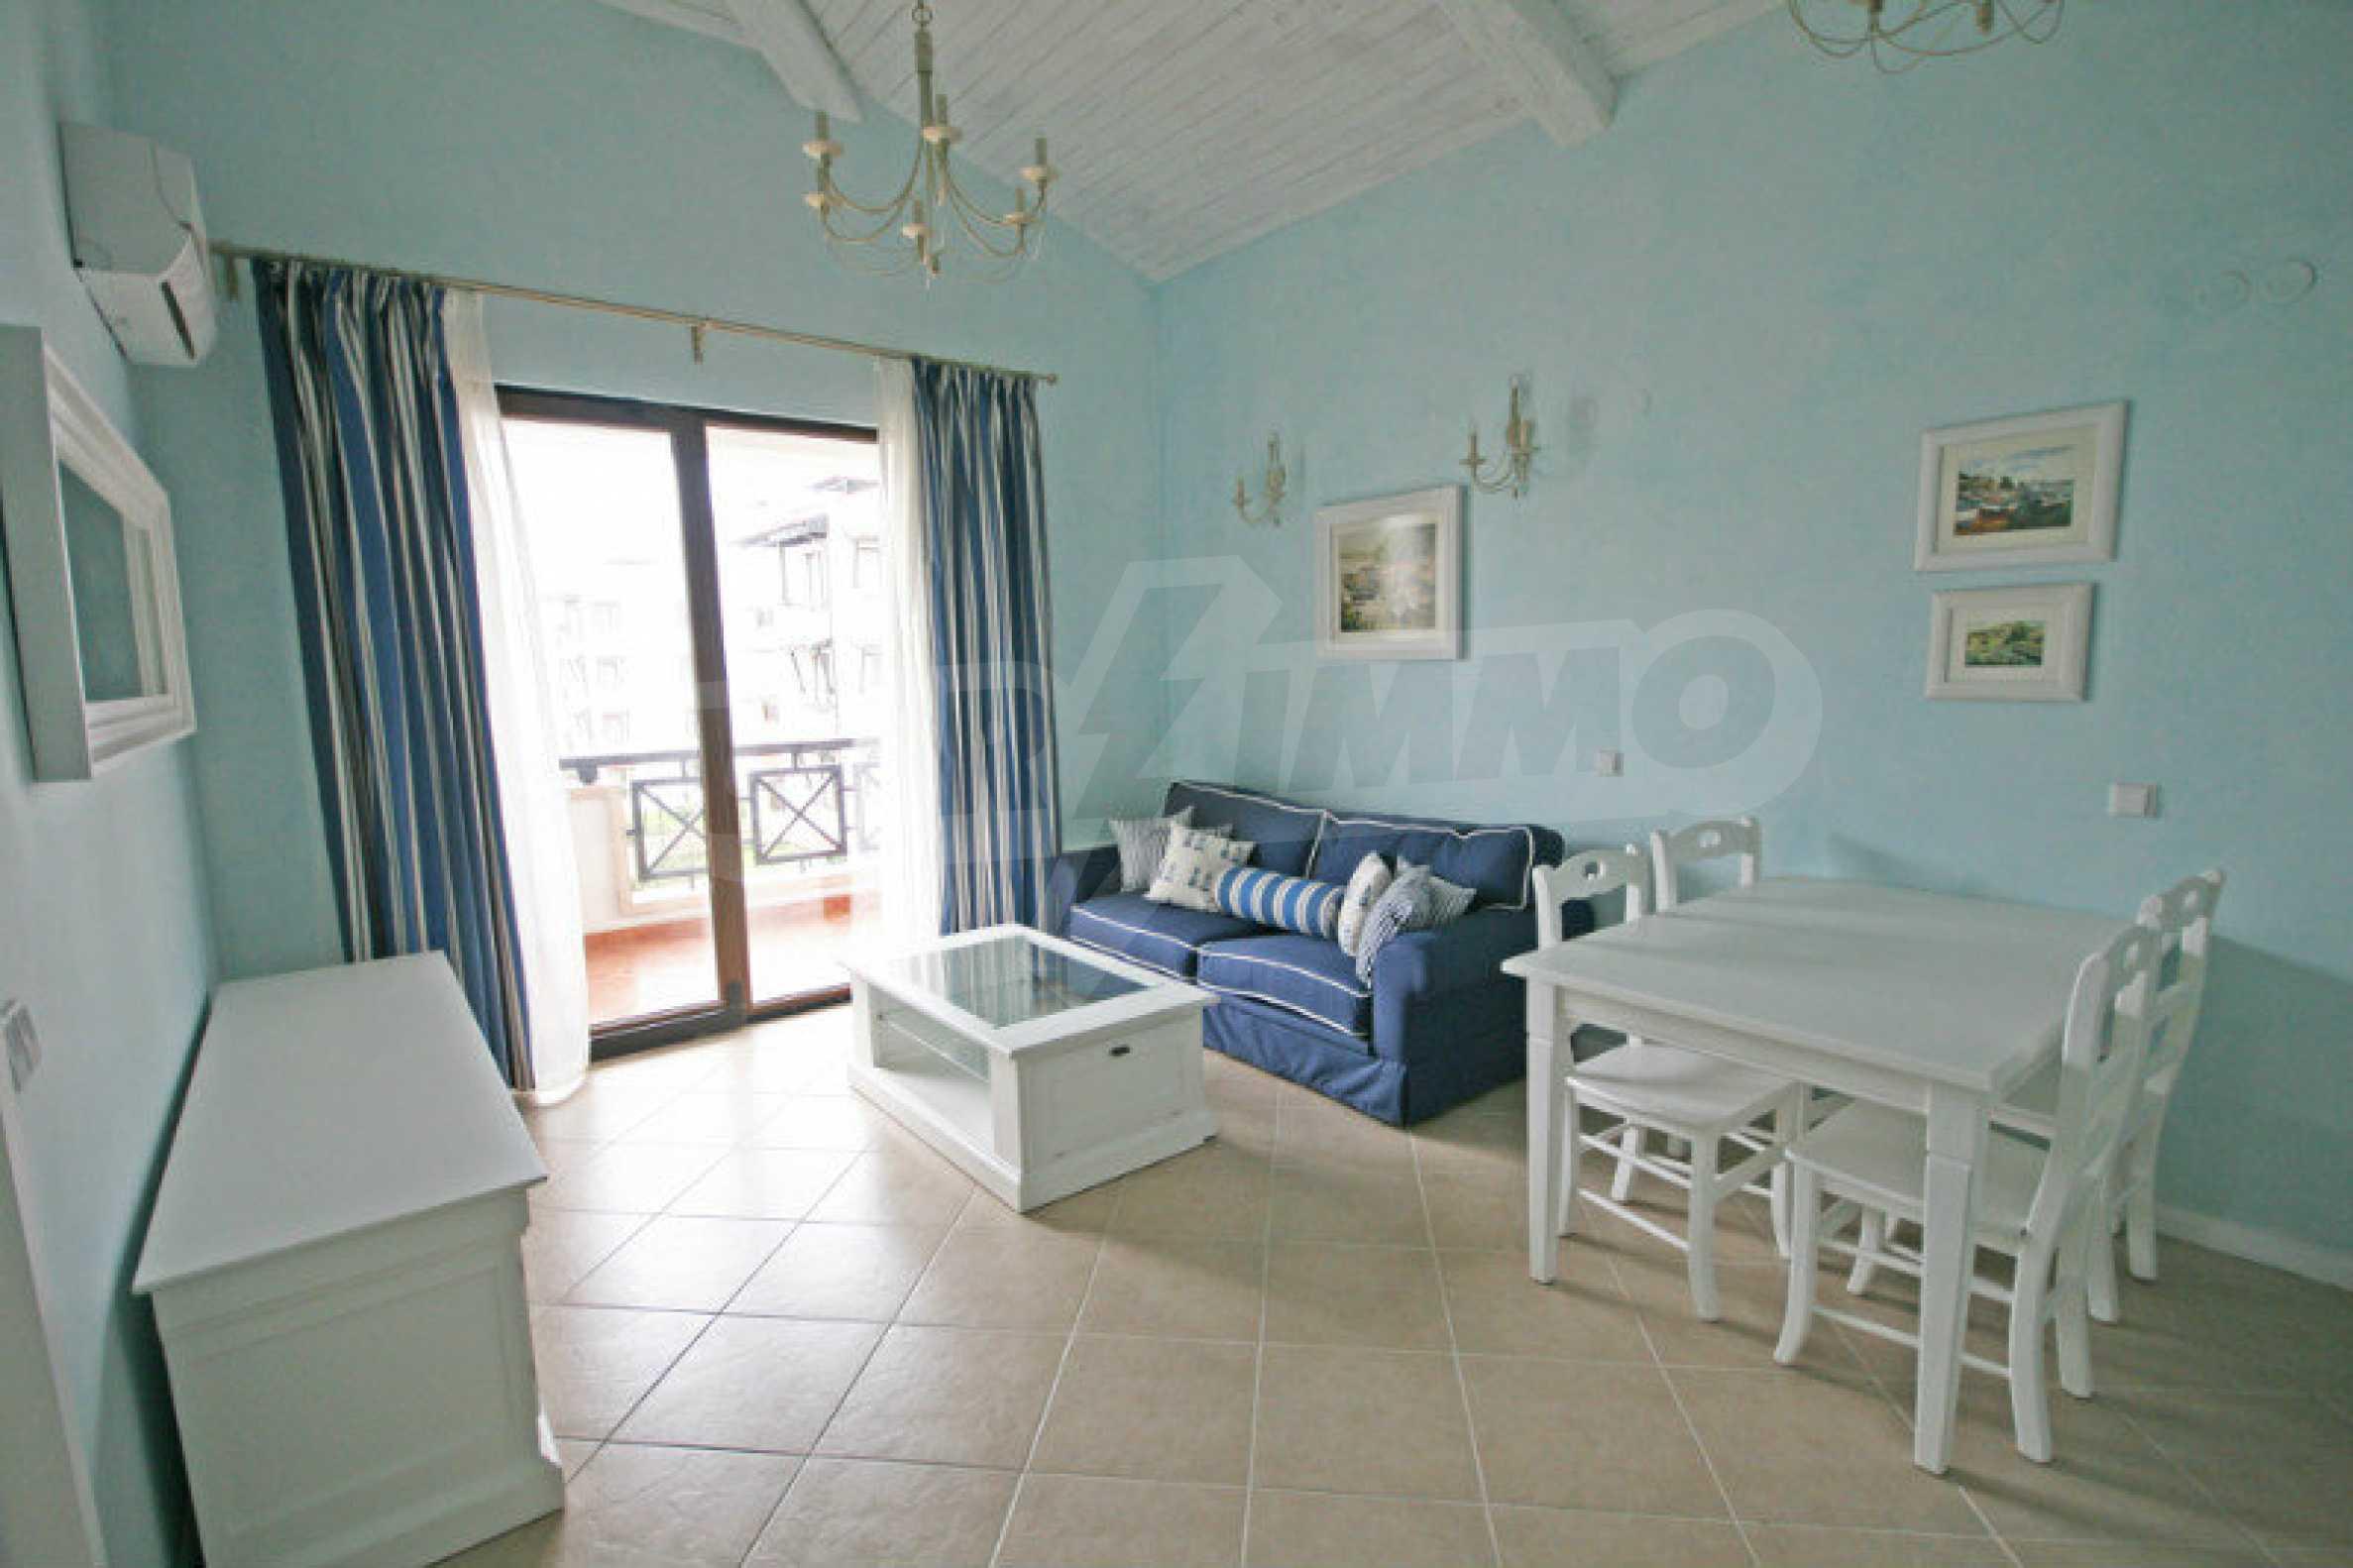 Apartment mit zwei Schlafzimmern und stilvollen Möbeln in einem Komplex in erster Linie 2